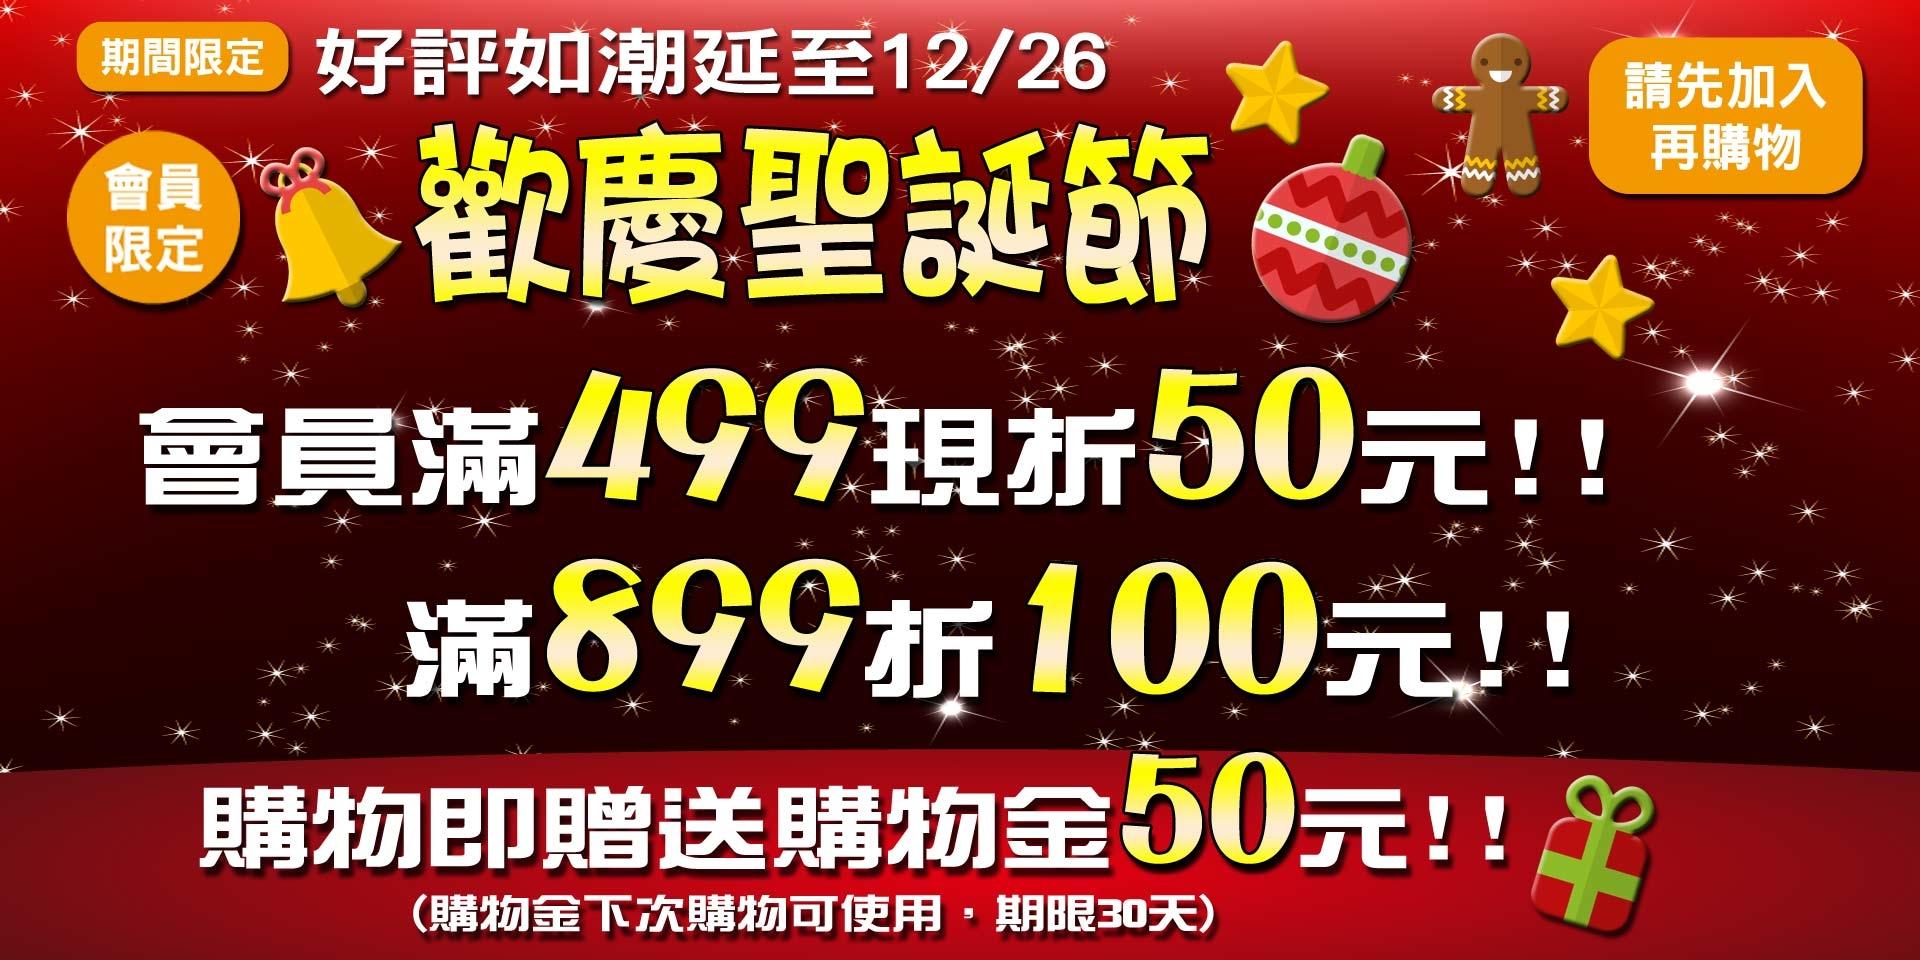 歡慶聖誕節~會員滿499現折50,滿899現折100元,購物就送50元購物金!!